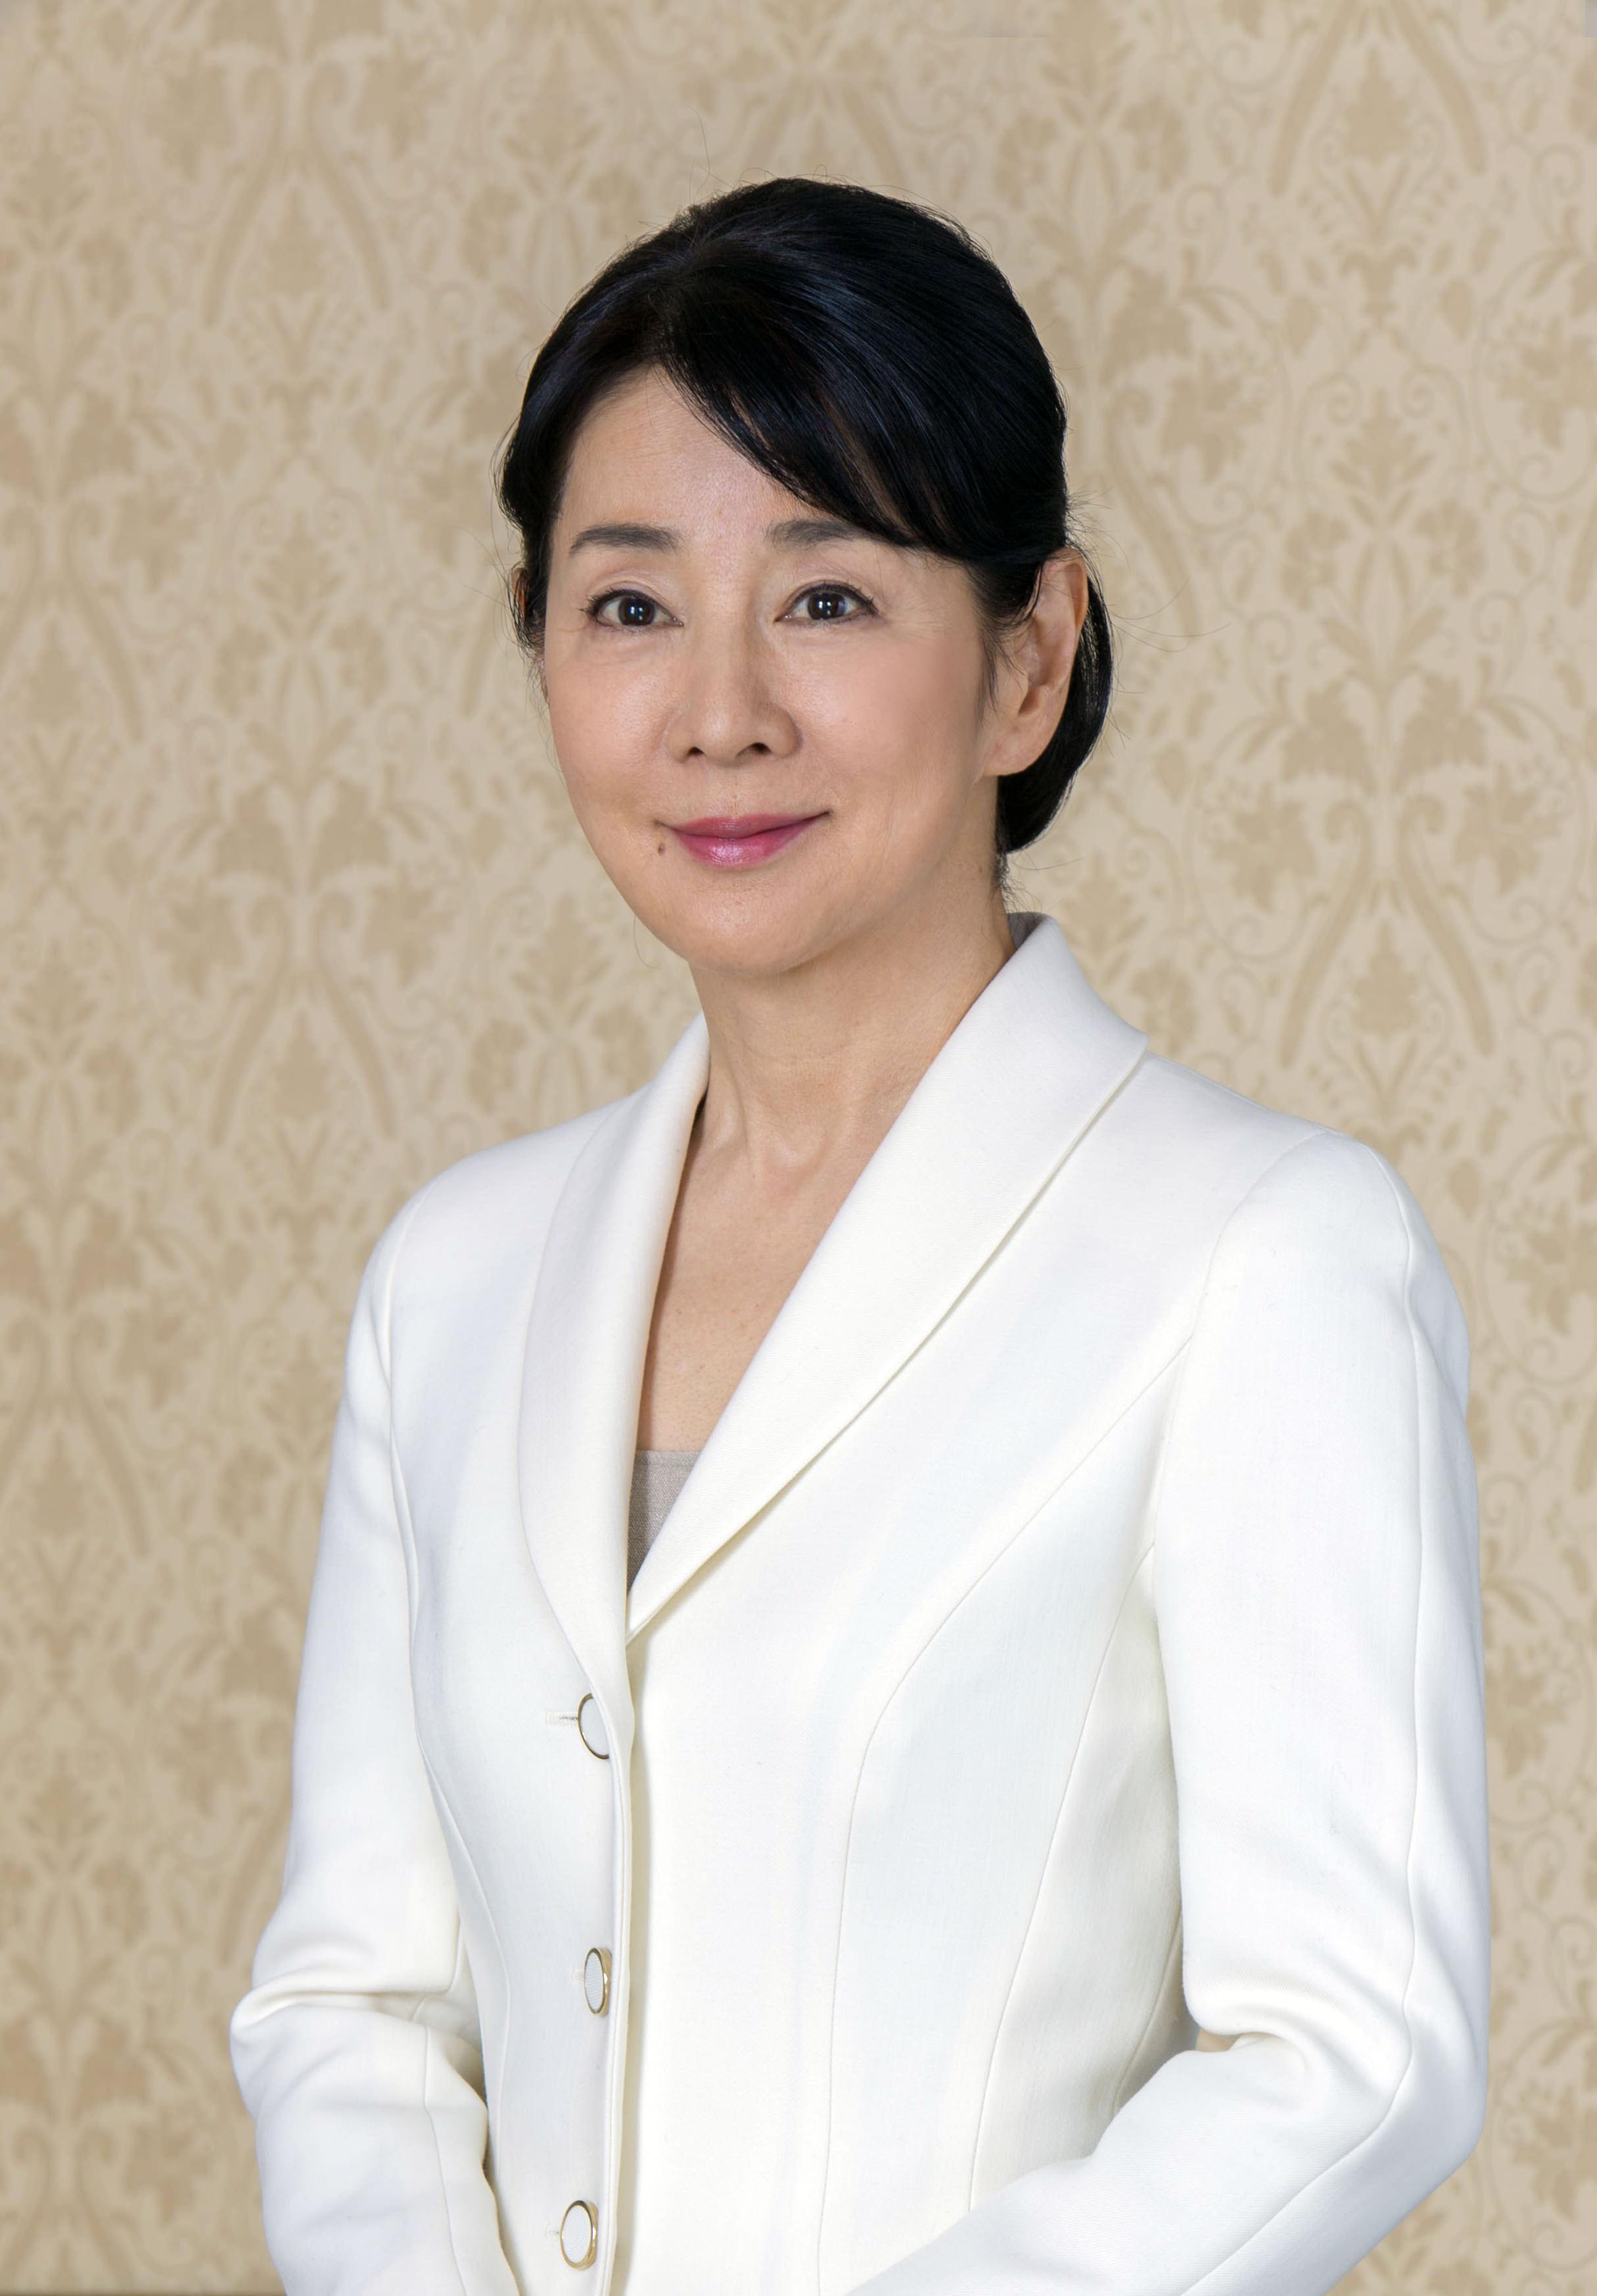 ジャケットできちんとした服装の吉永小百合。